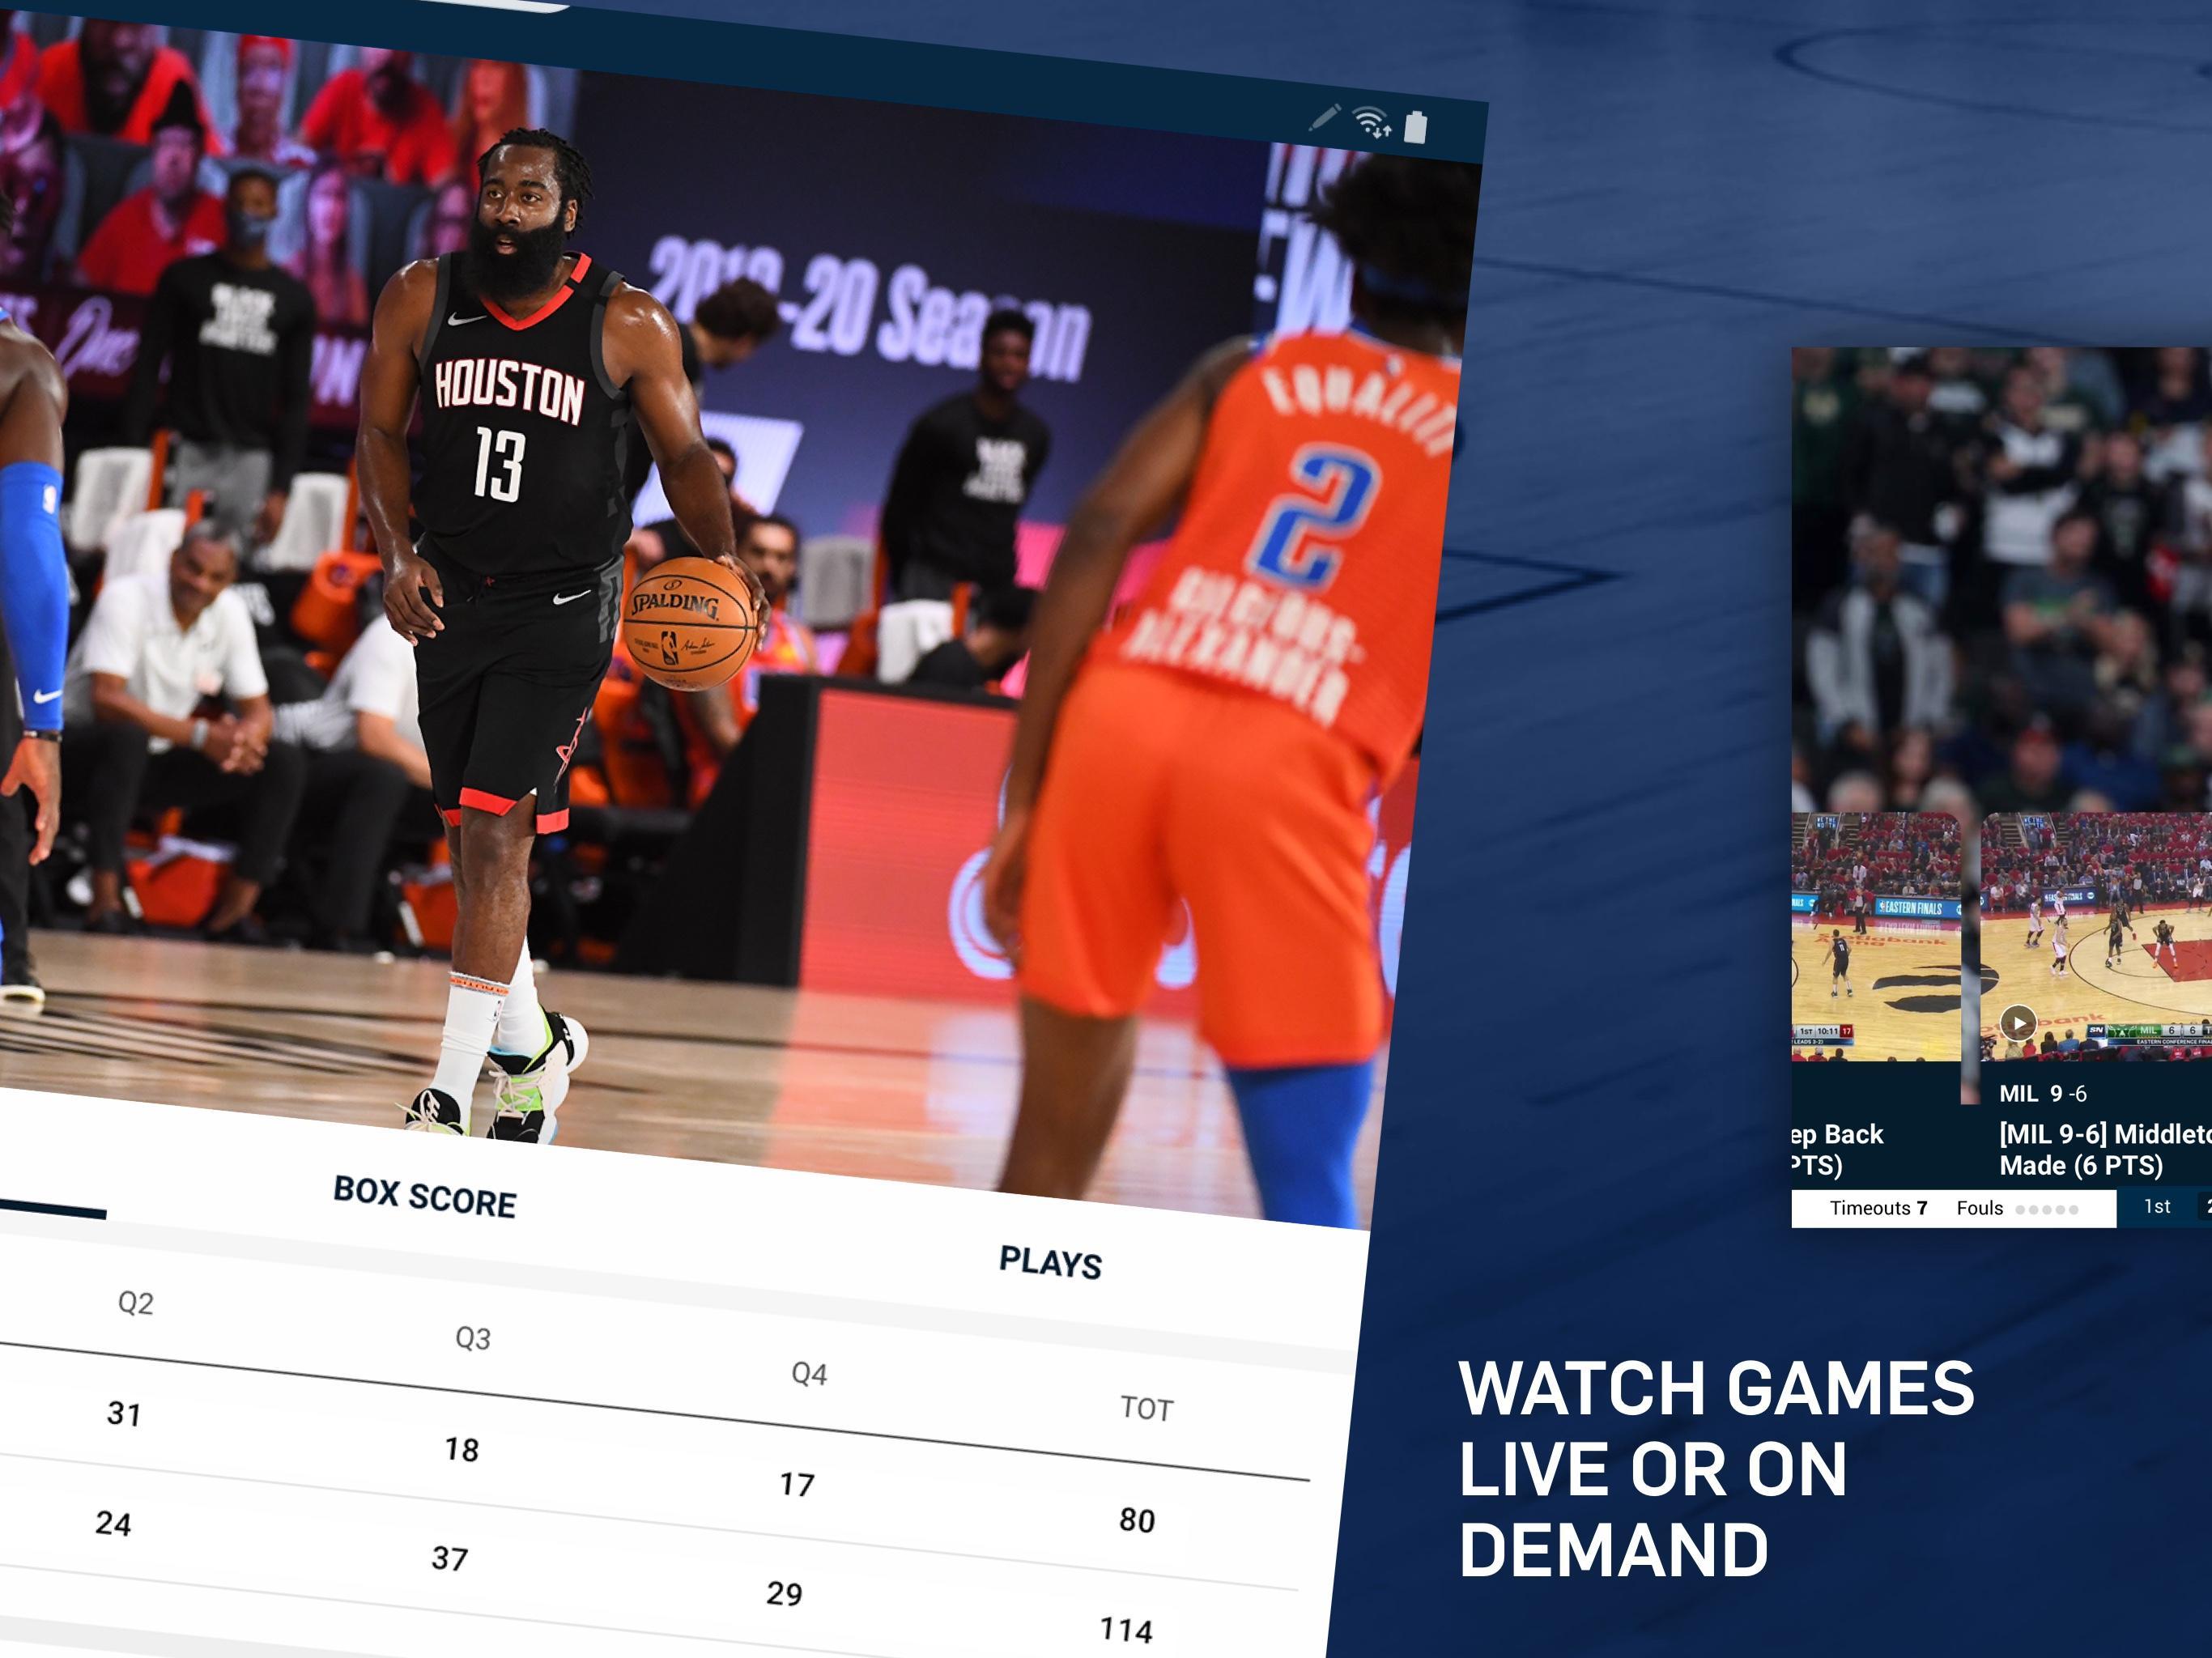 NBA Live Games & Scores 9.1018 Screenshot 13